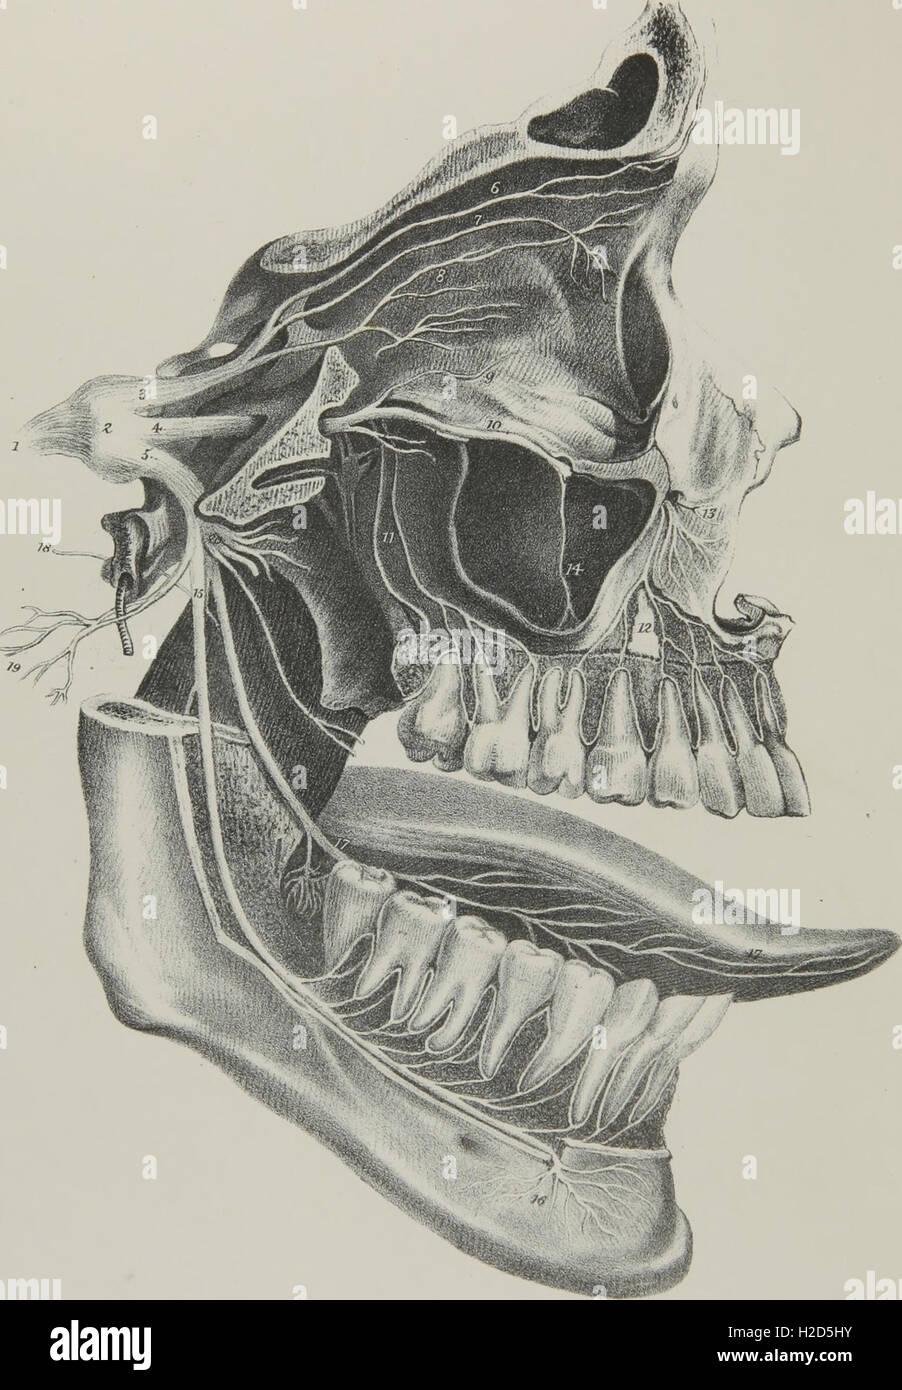 Fantastisch Unterteilungen Der Anatomie Und Physiologie Galerie ...